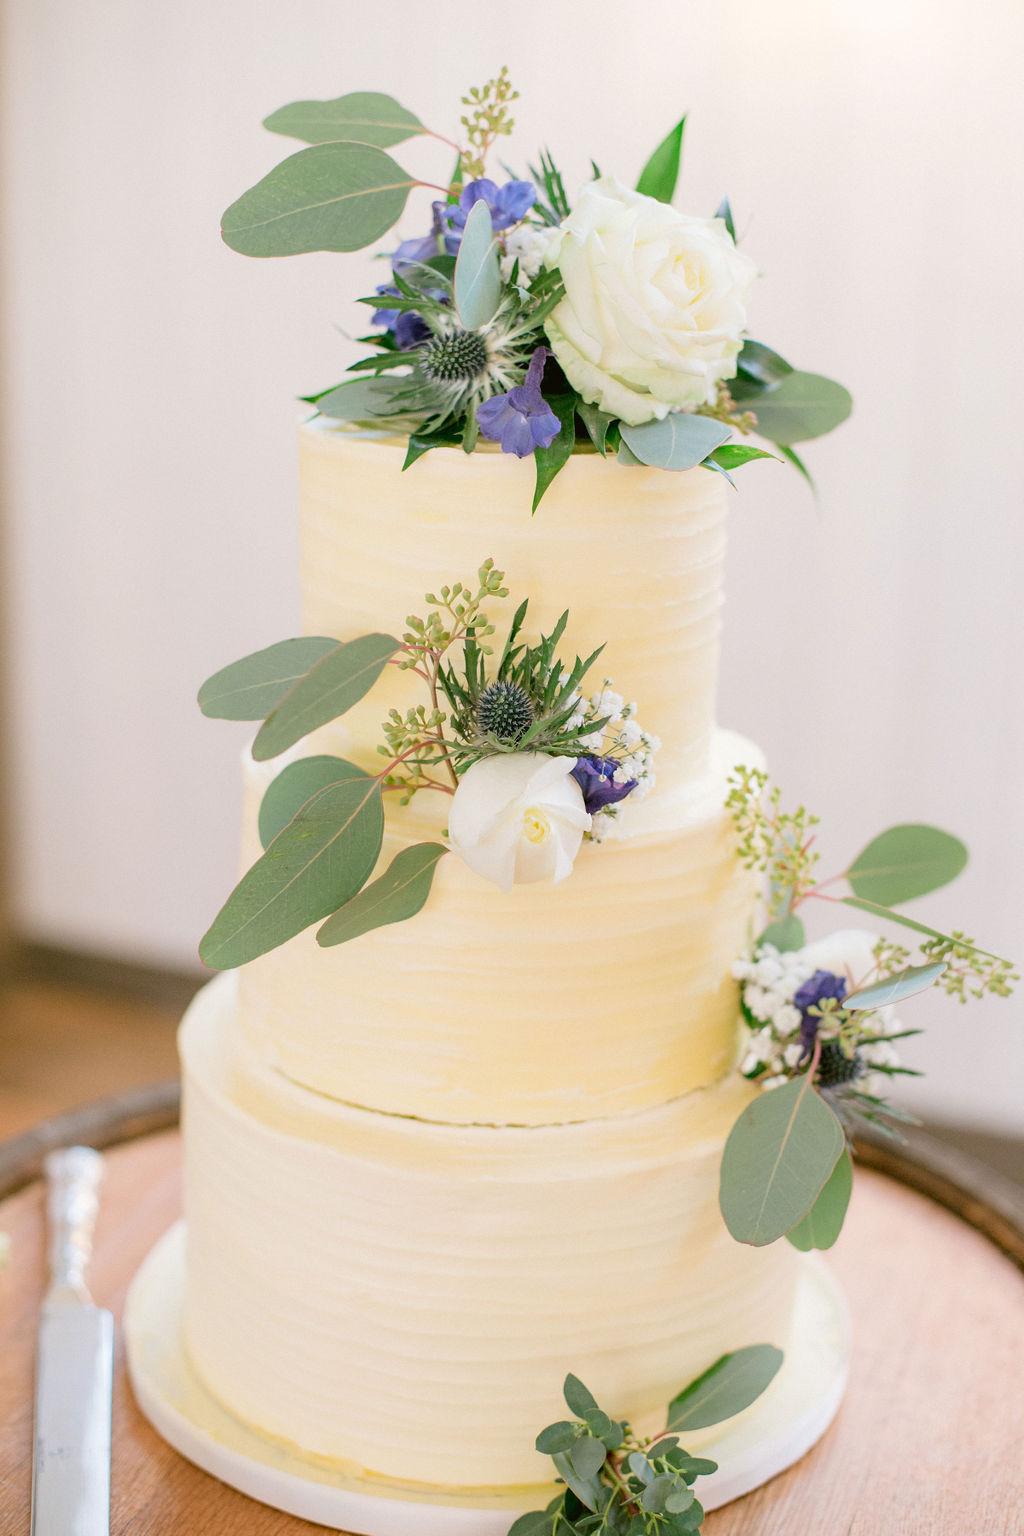 White wedding cake with eucalyptus